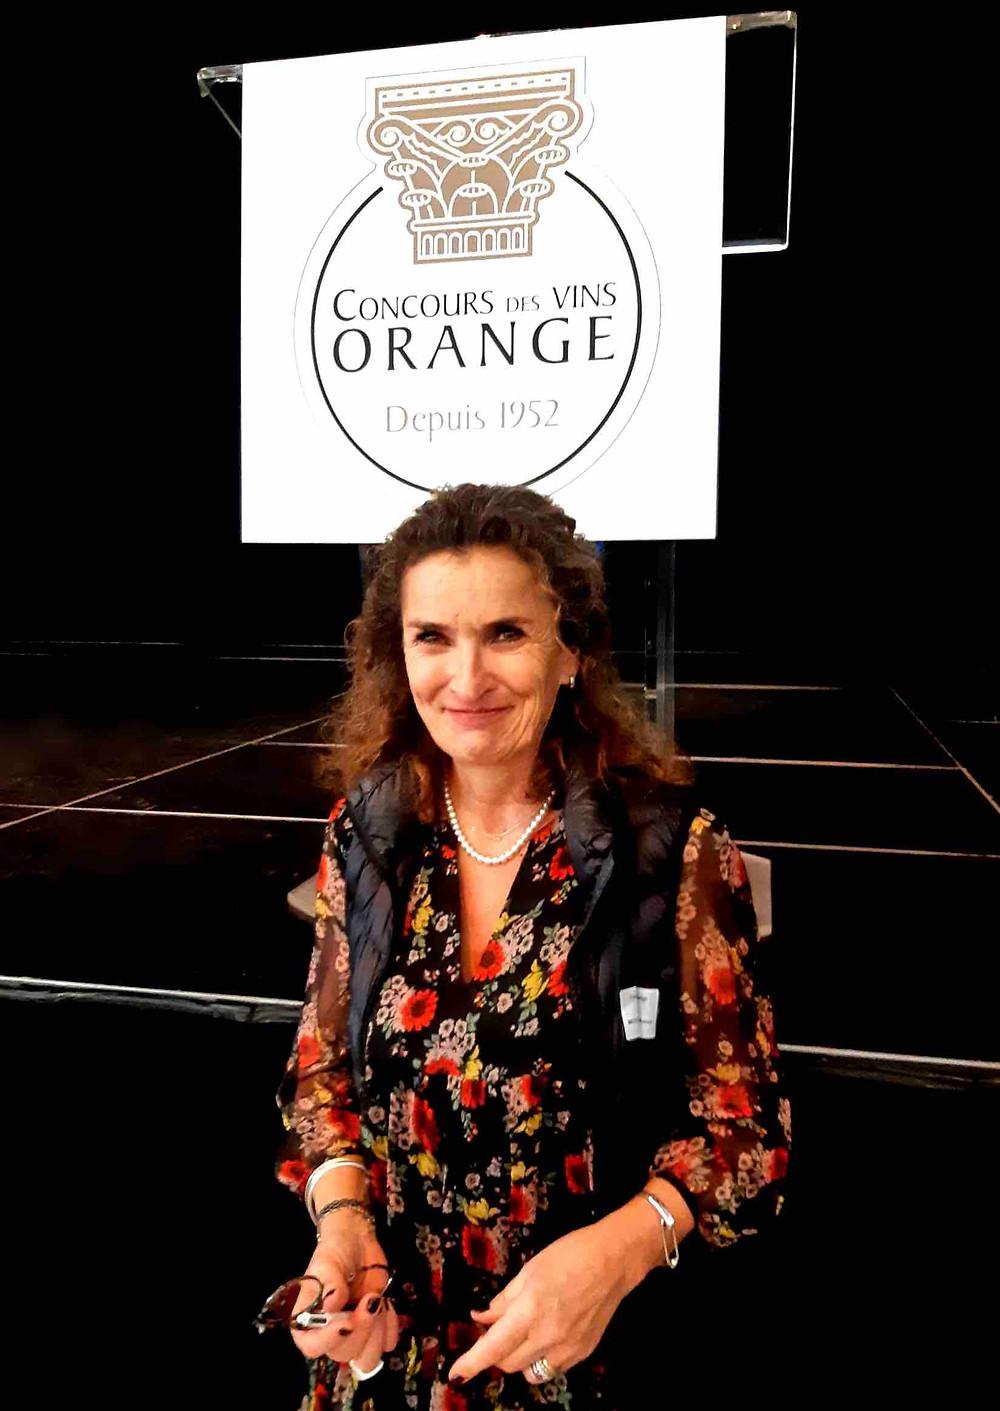 Anne Mouralis - Concours - Vins - Orange